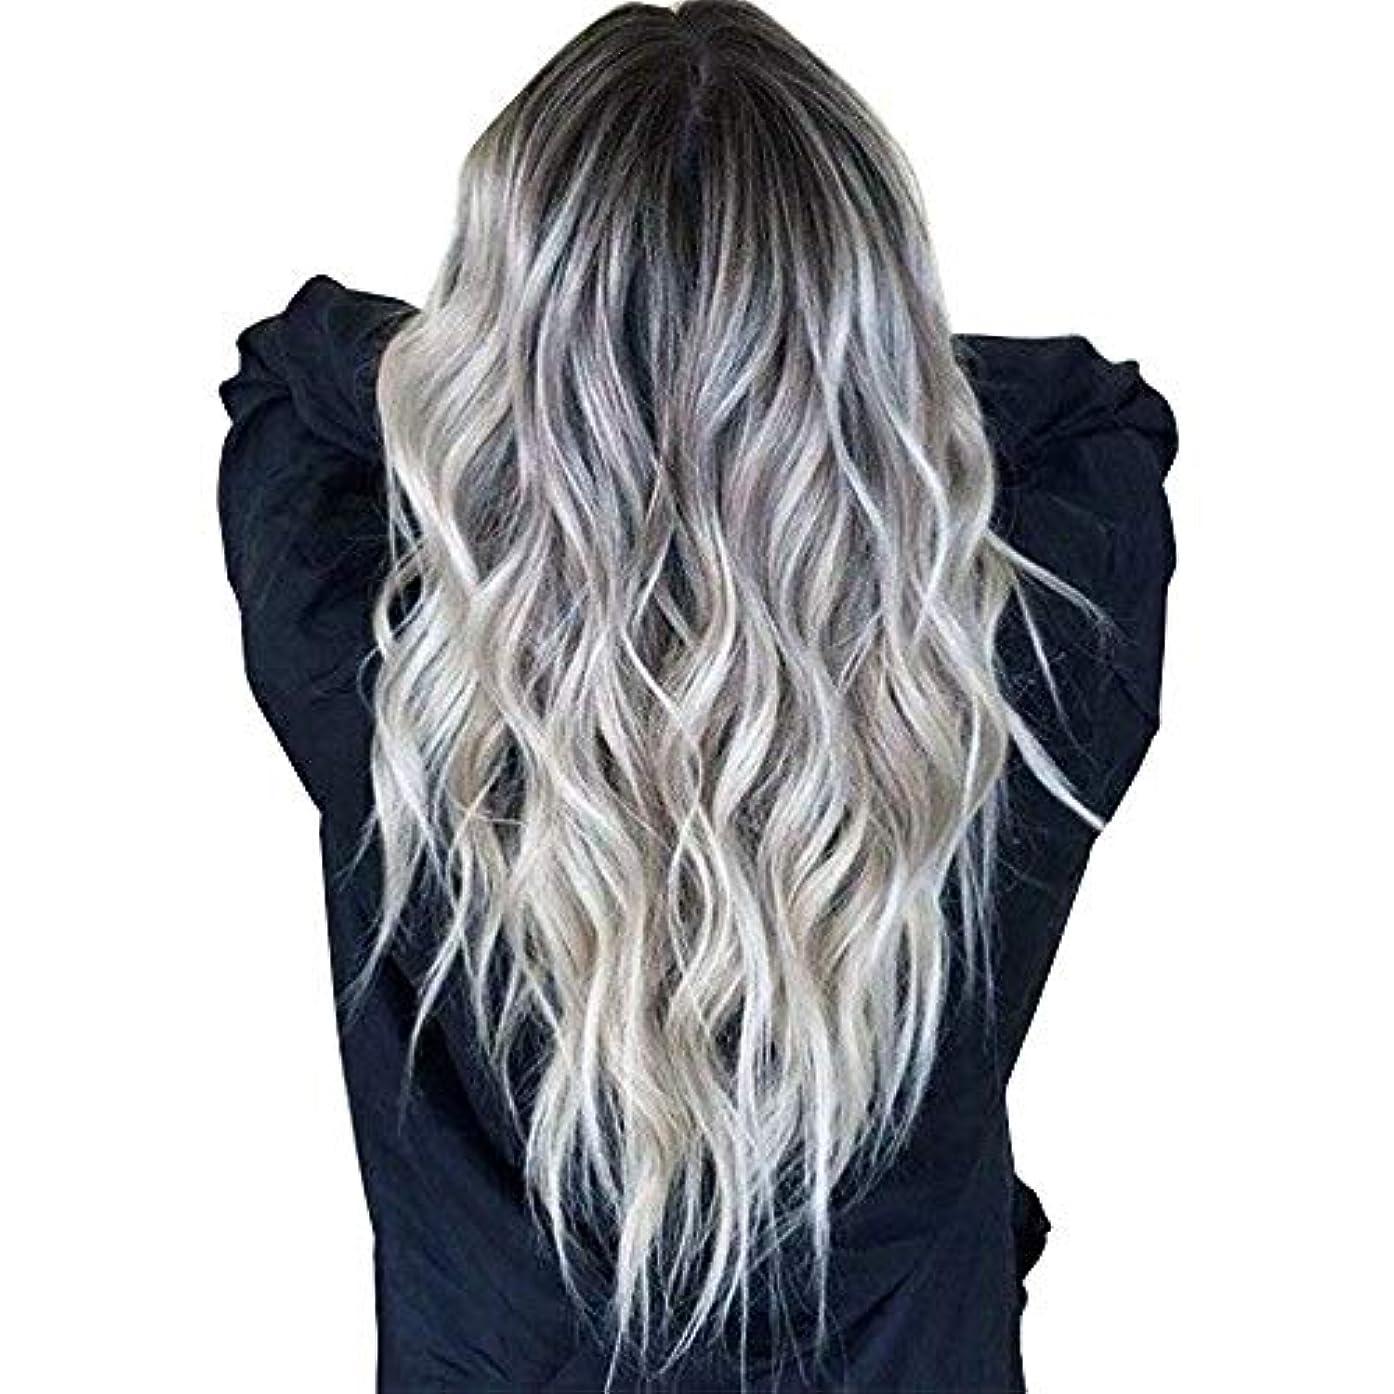 甘やかす寺院みがきますウィッグキャップかつらで長いファンシードレスカールウィッグ高品質の人工毛髪コスプレ高密度ウィッグ女性と女の子のためのかつら27.5インチv